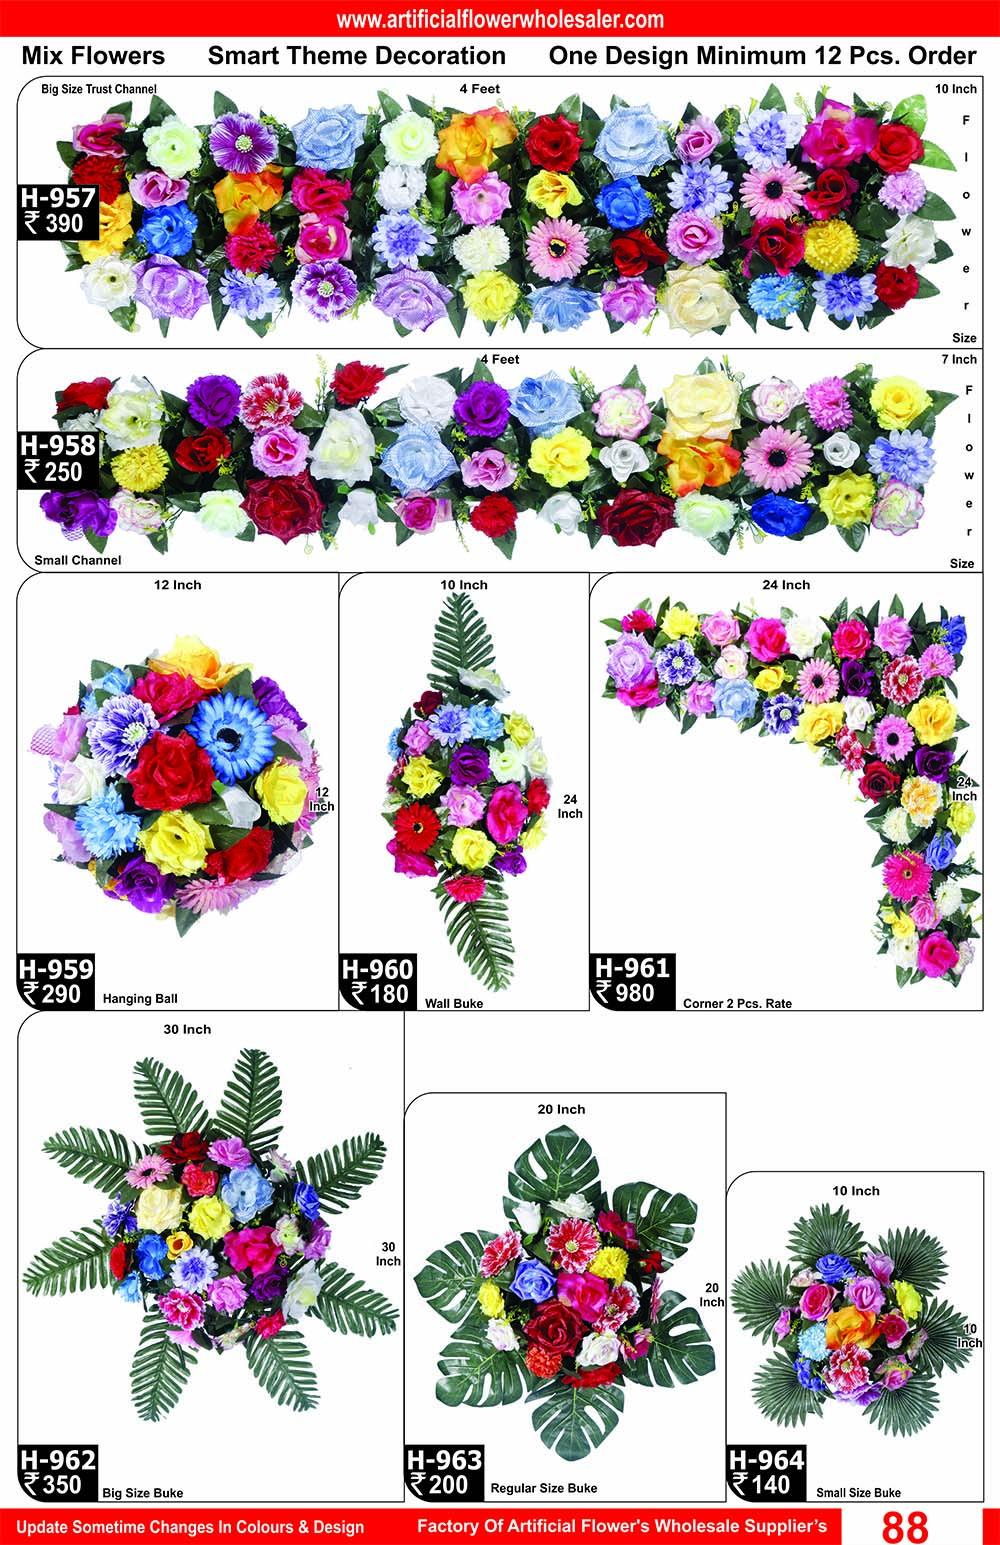 88-artificial-flower-wholesaler